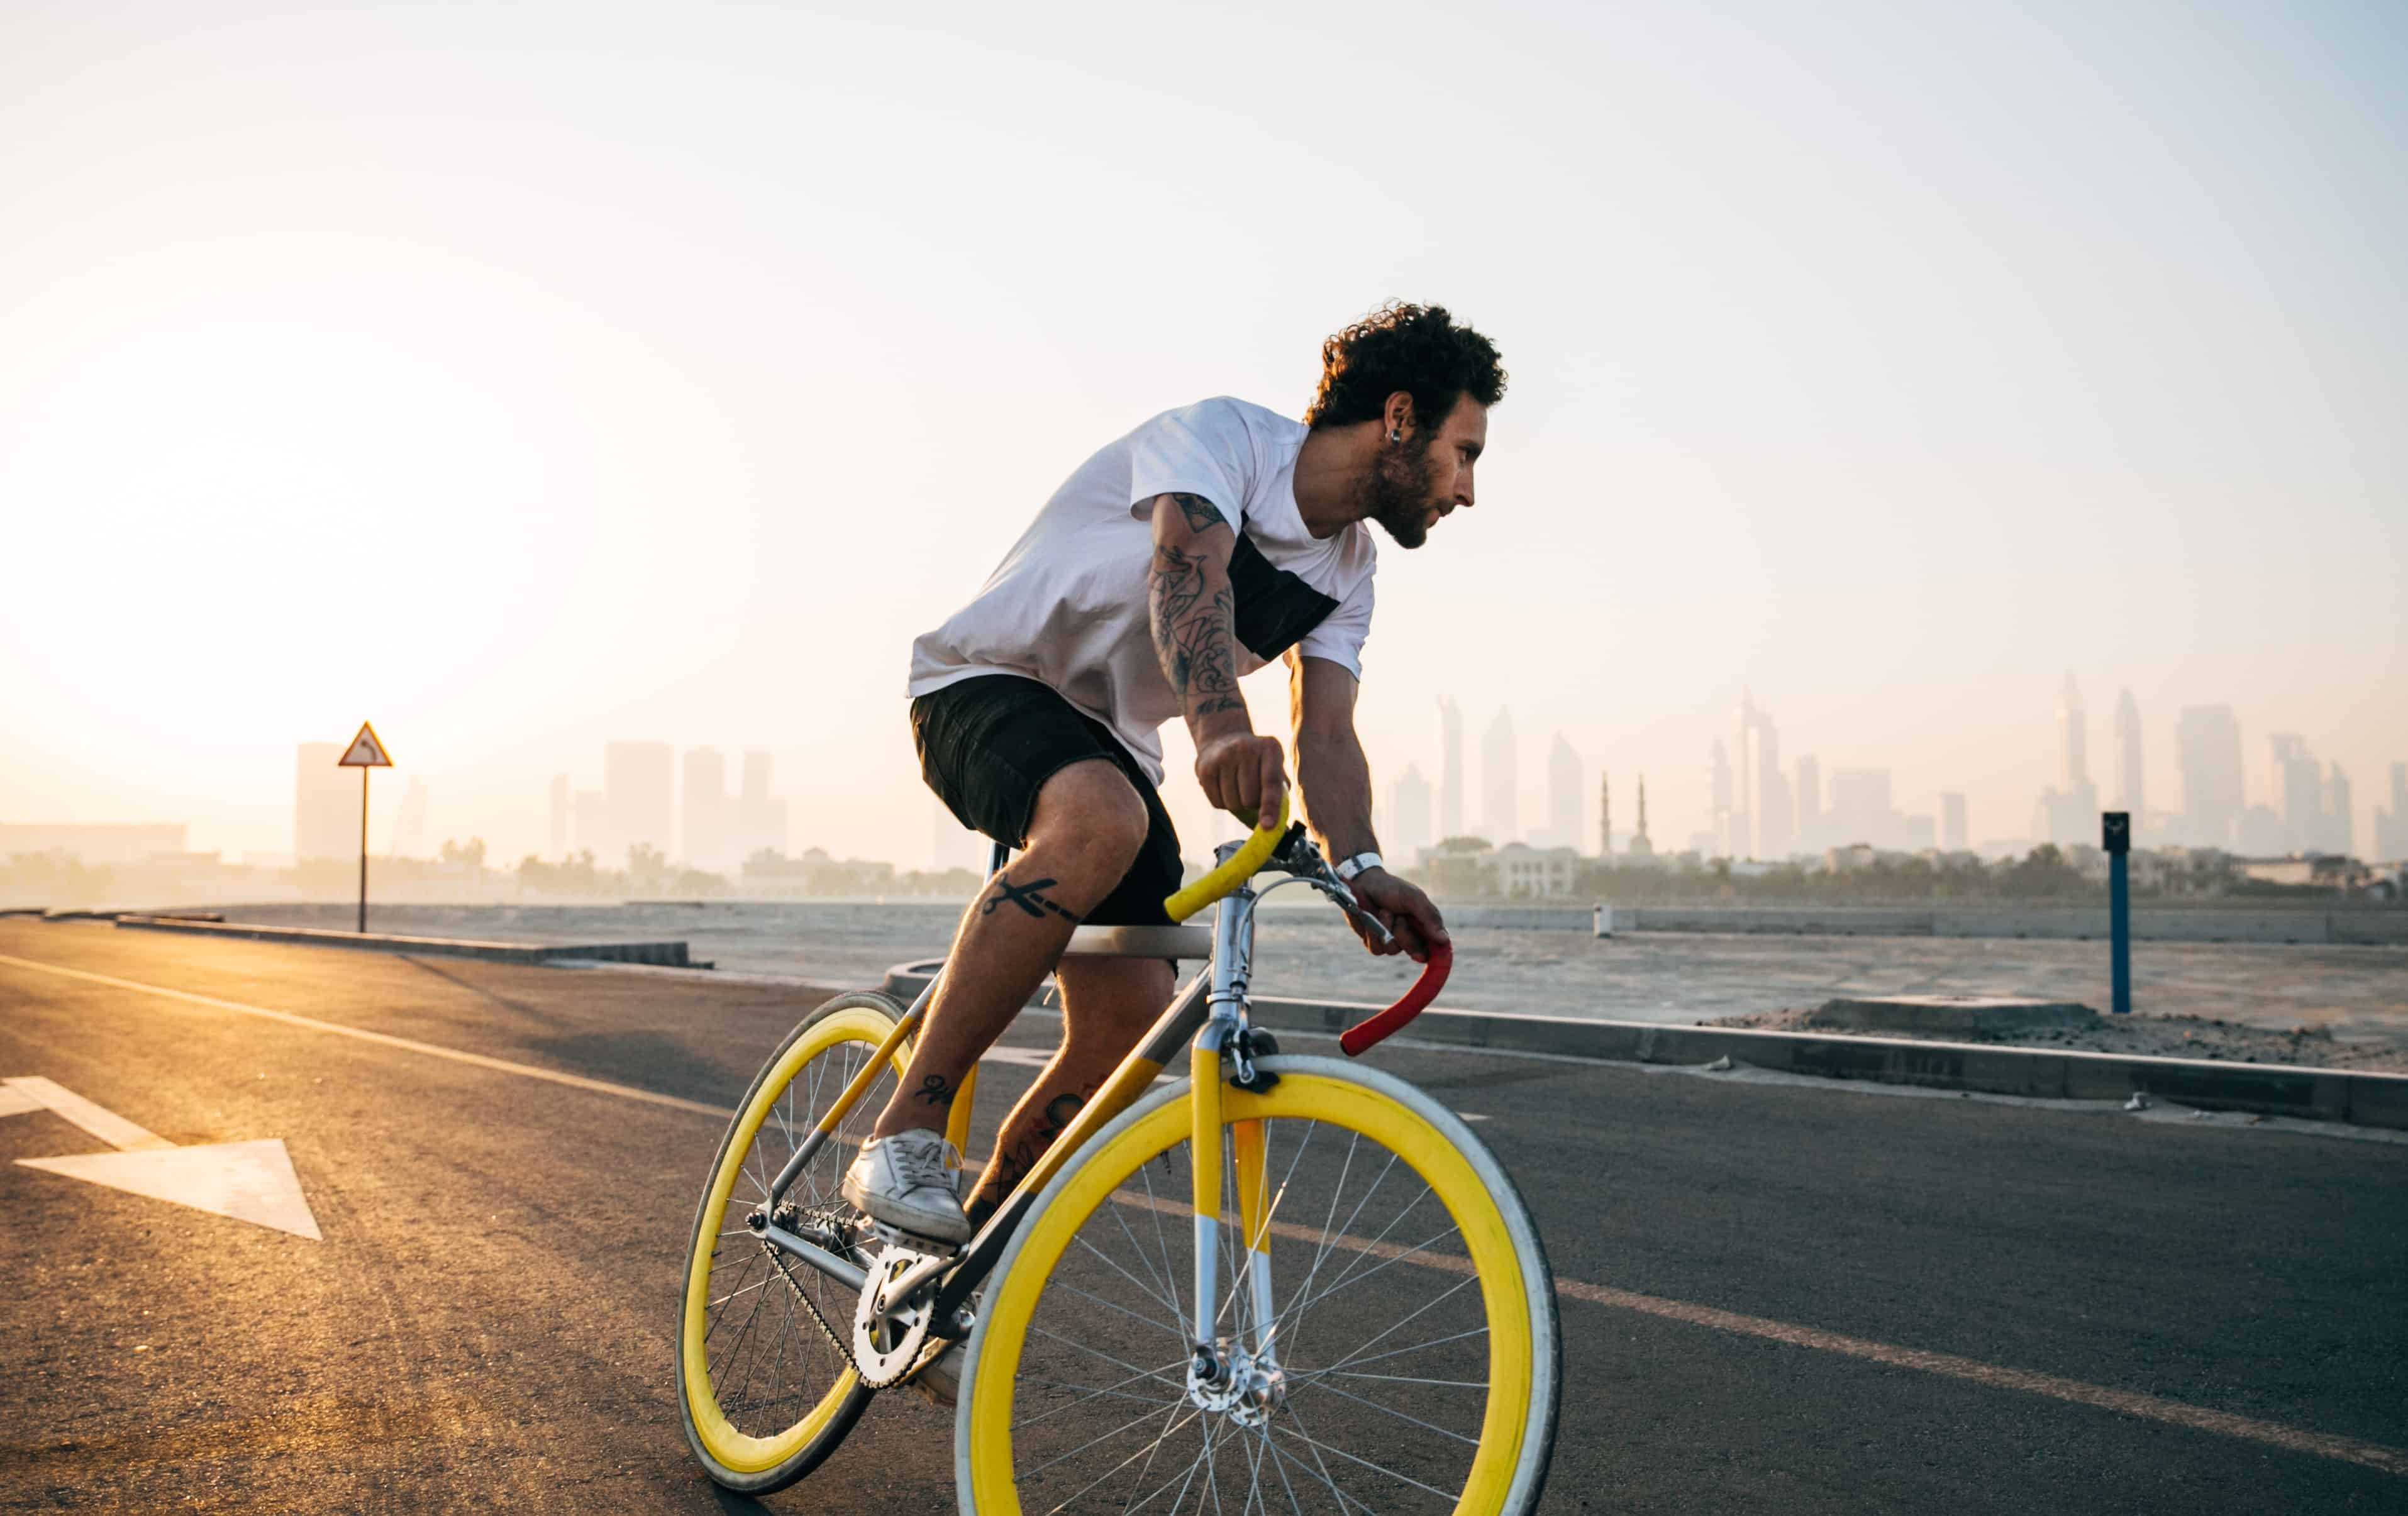 man riding yellow bicycle